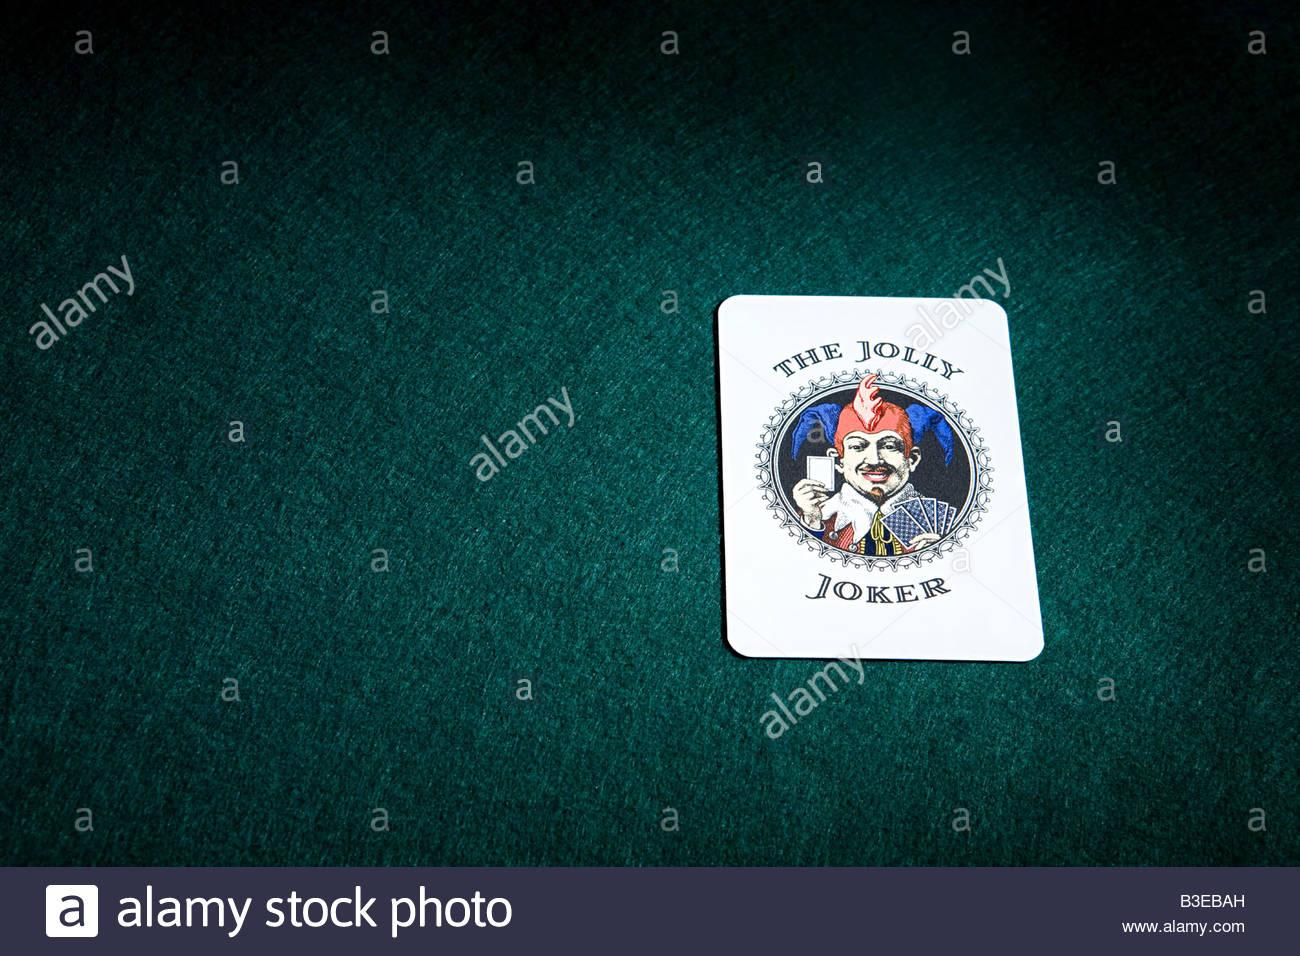 Un joker jeu de carte Photo Stock